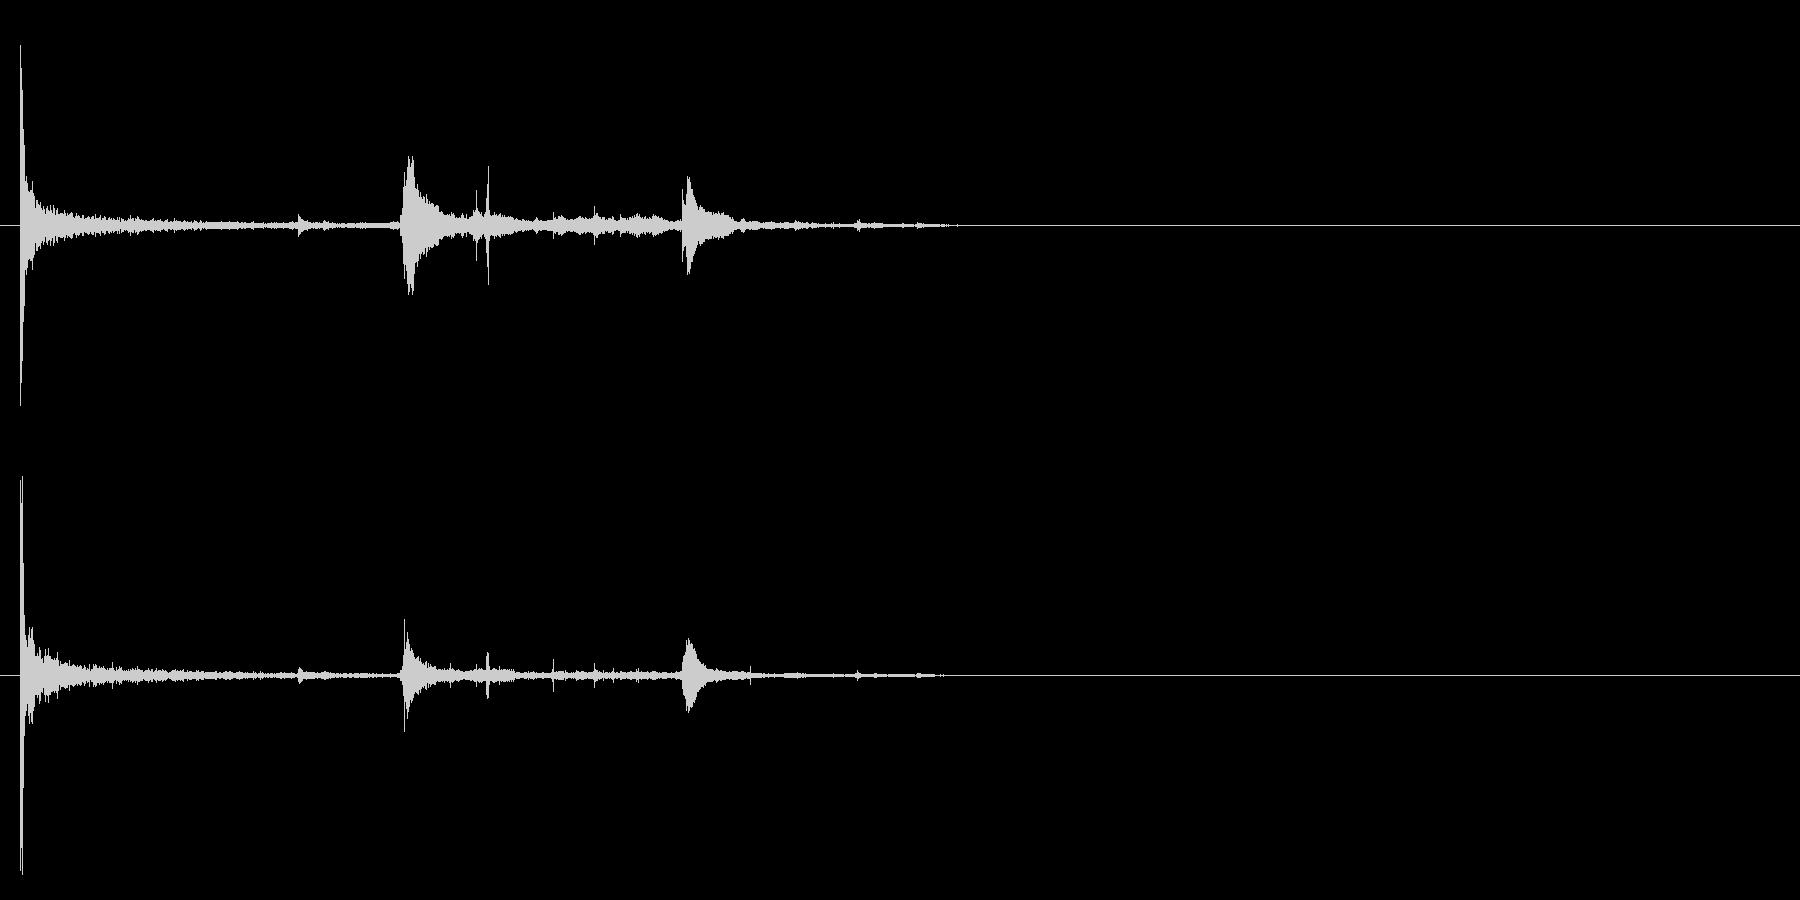 電球の破裂-11の未再生の波形